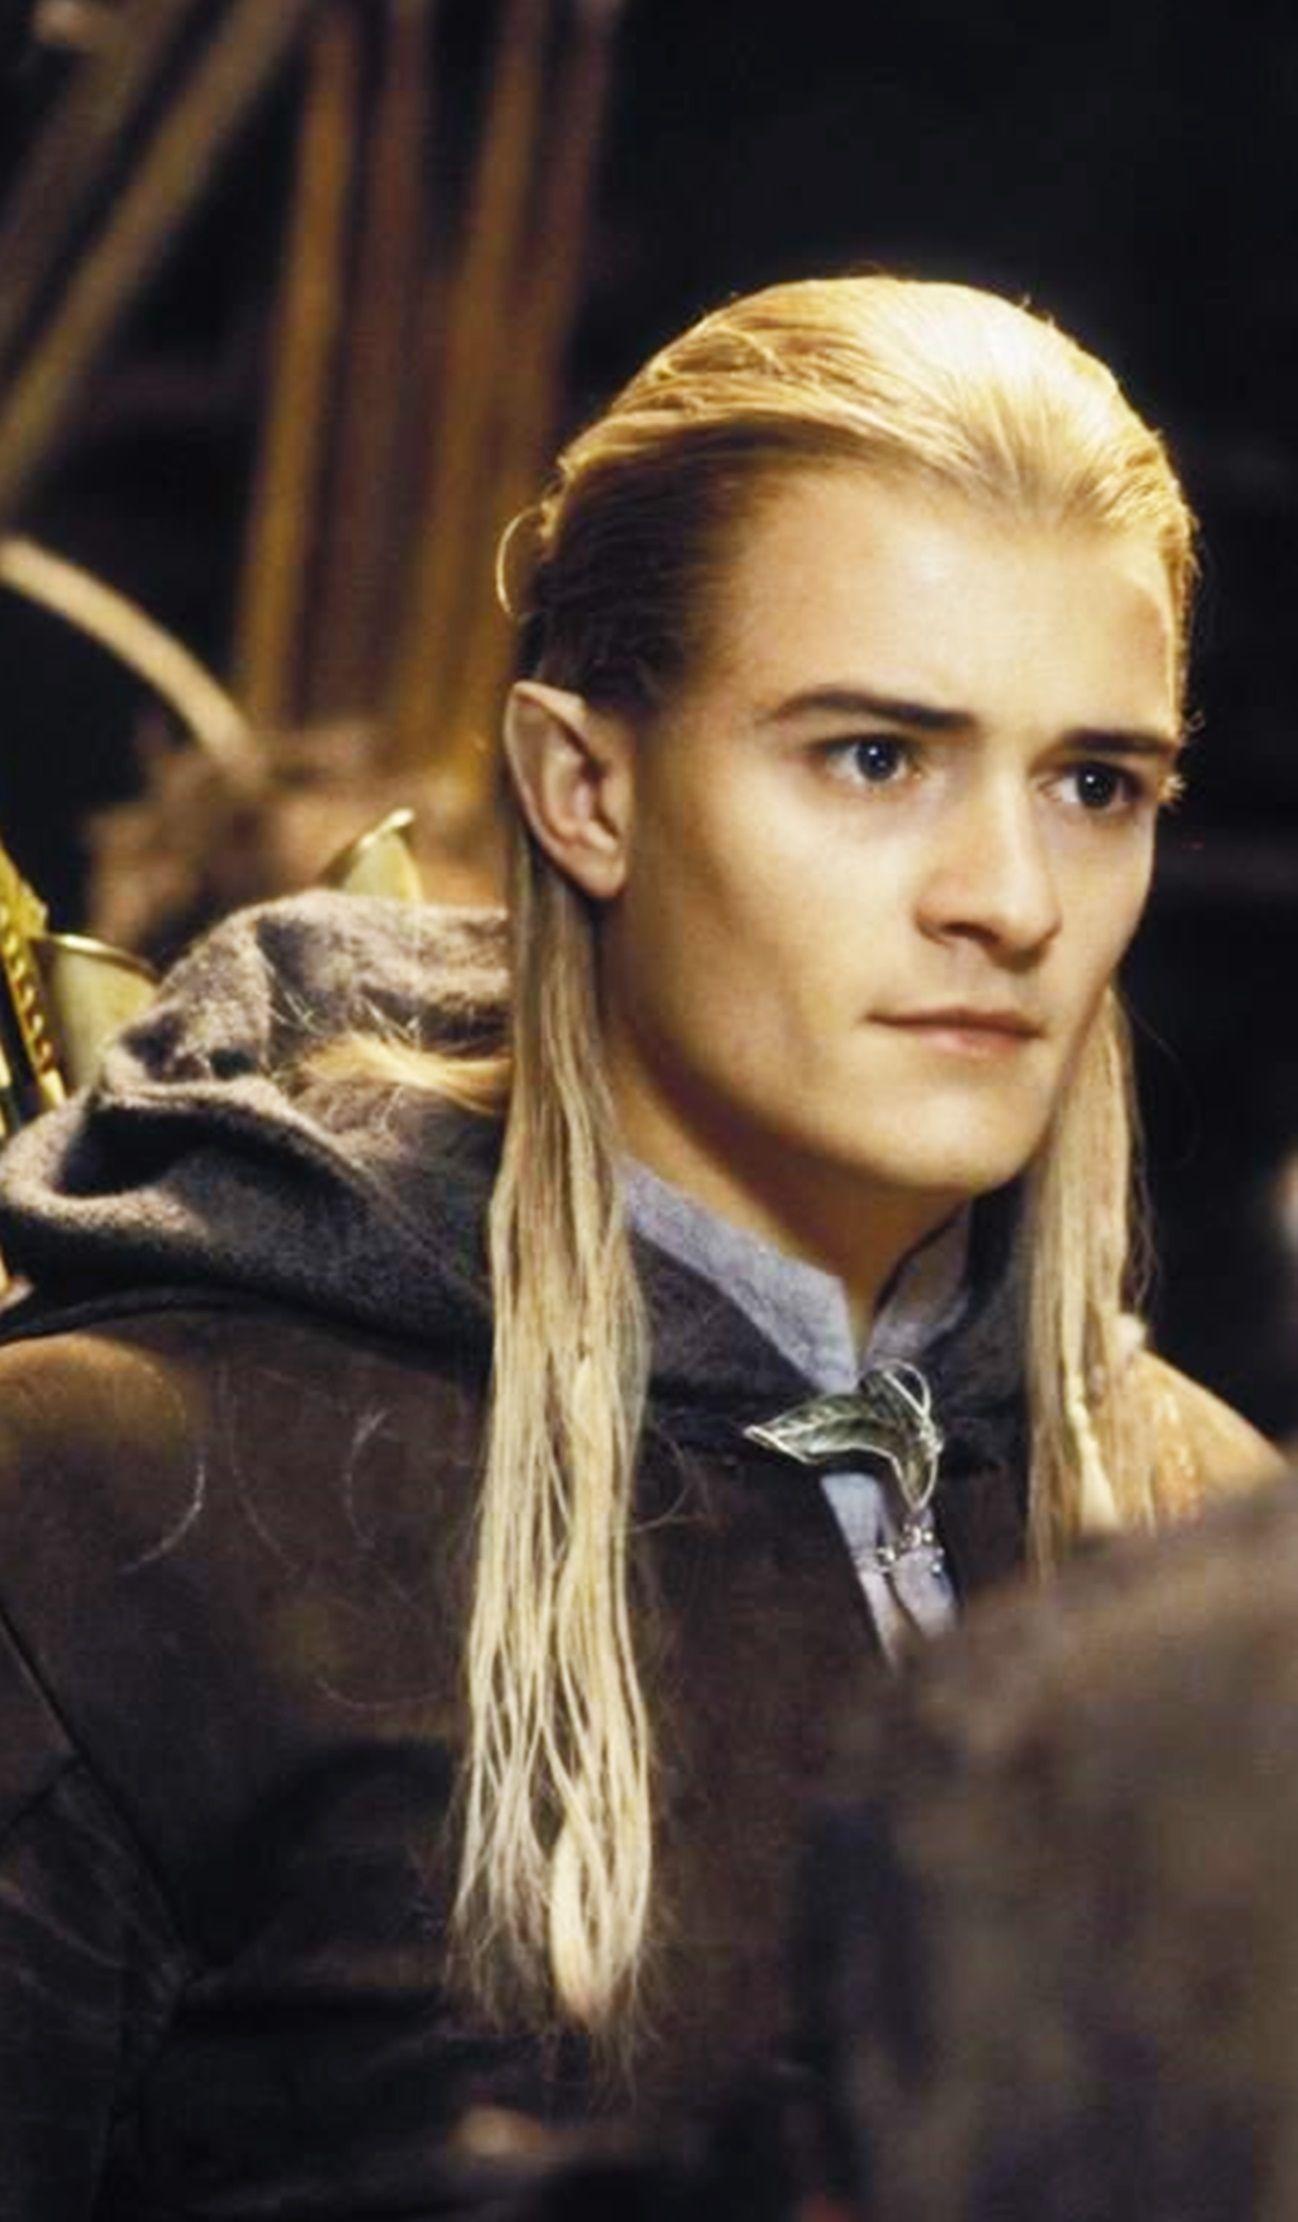 Orlando Bloom | Legolas, The hobbit, Orlando bloom legolas